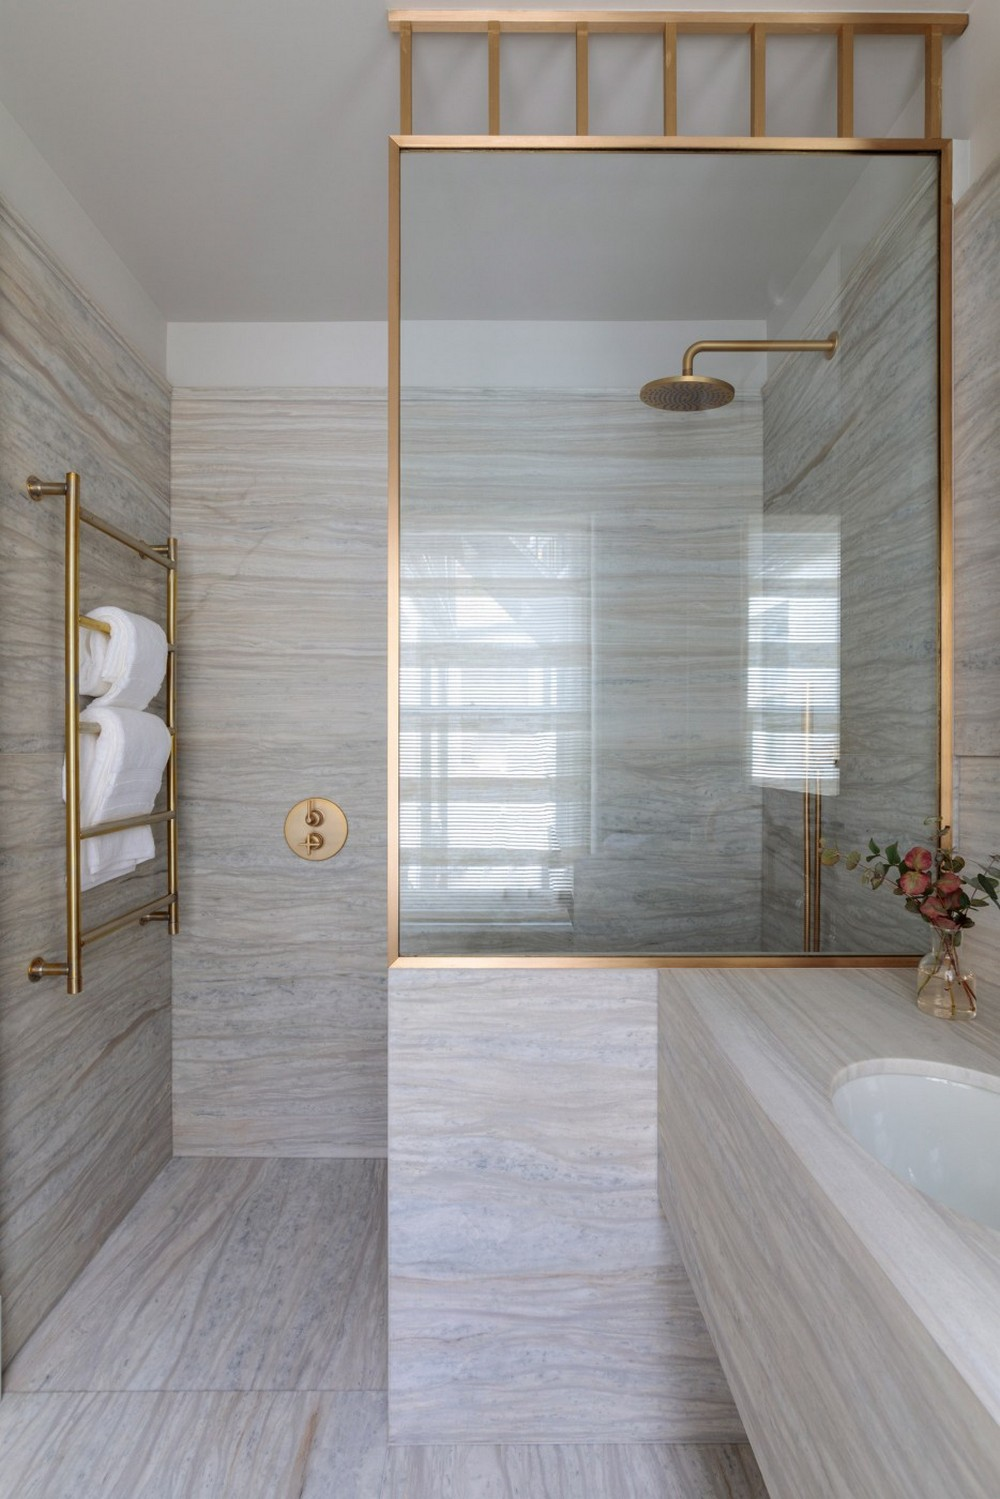 Kitesgrove Studio Shows Top Contemporary Design Ideas For The Bathroom kitesgrove Kitesgrove Studio Shows Top Contemporary Design Ideas For The Bathroom Kitesgrove Studio Shows Top Contemporary Design Ideas For The Bathroom 3